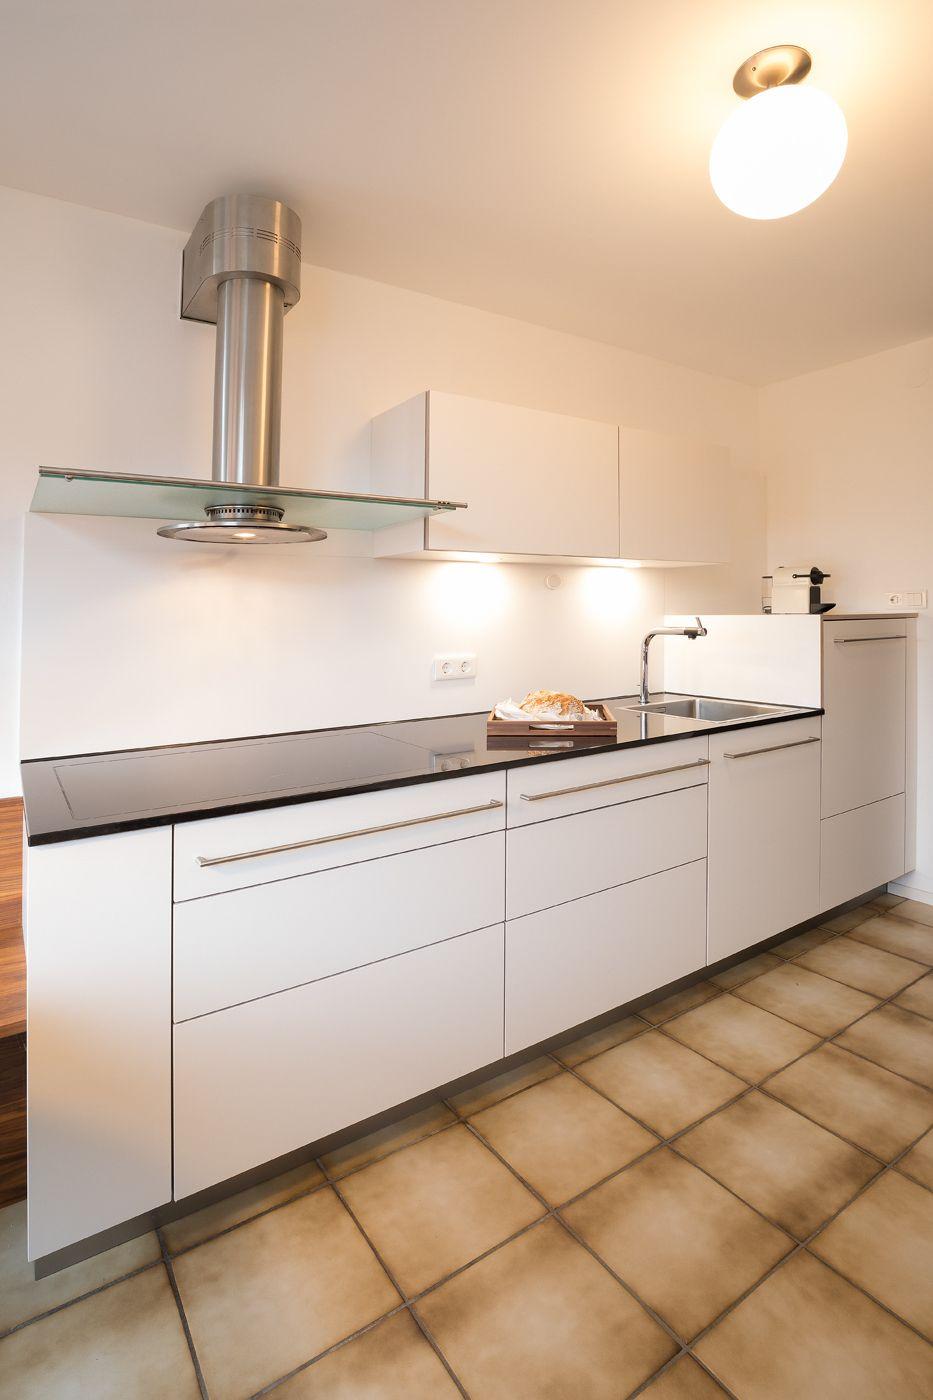 Weiße Küche | Küchenzeile | schlicht | modern | Abzug | Dunstabzug ...